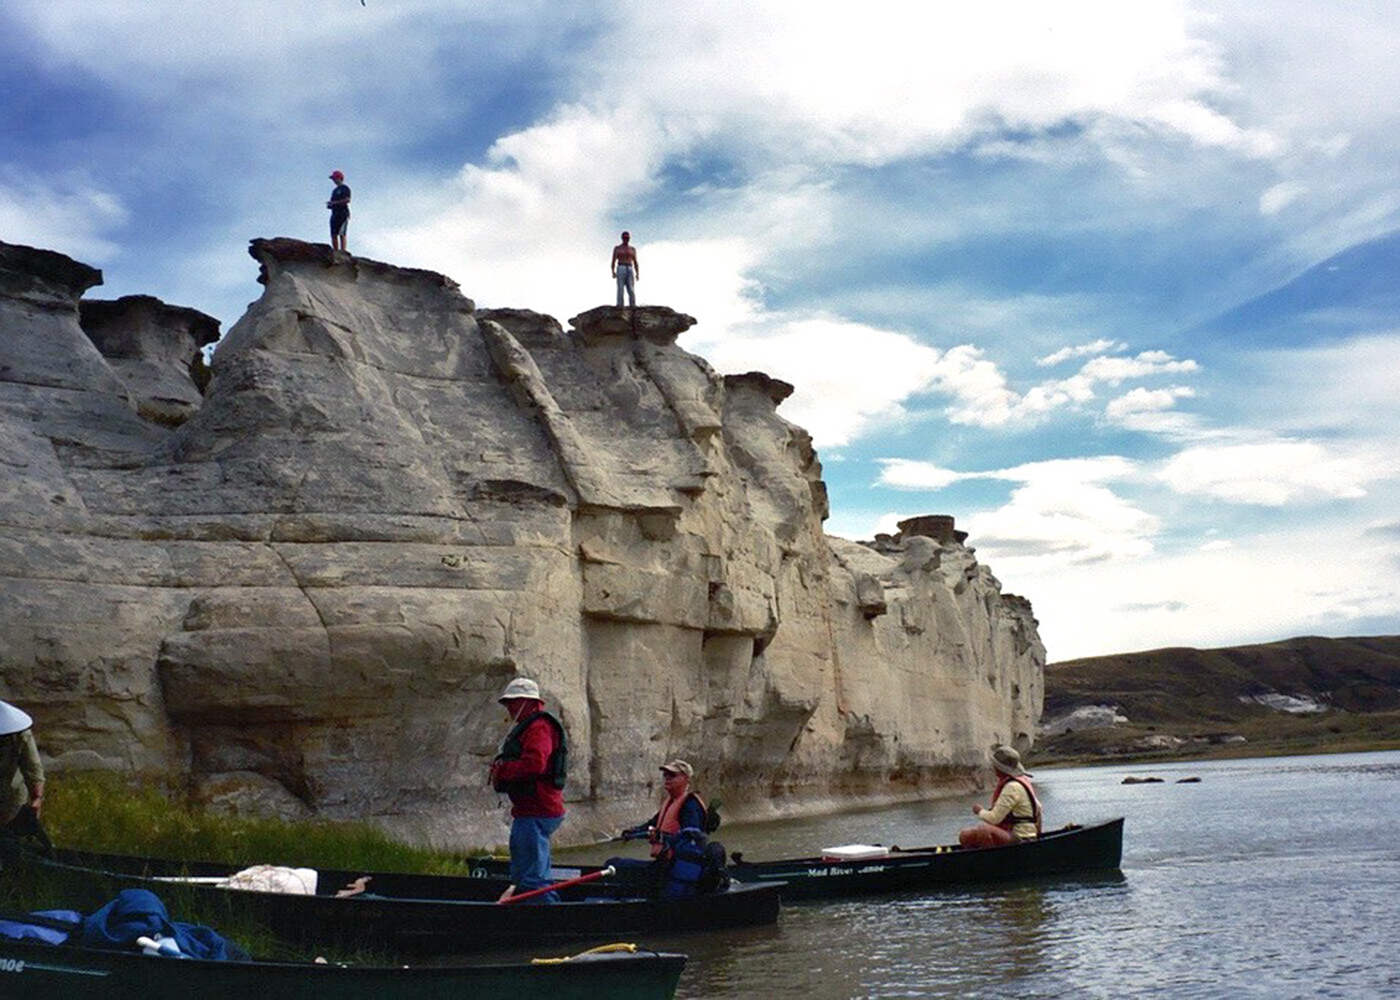 Canoeing The Upper Missouri River Breaks National Monument